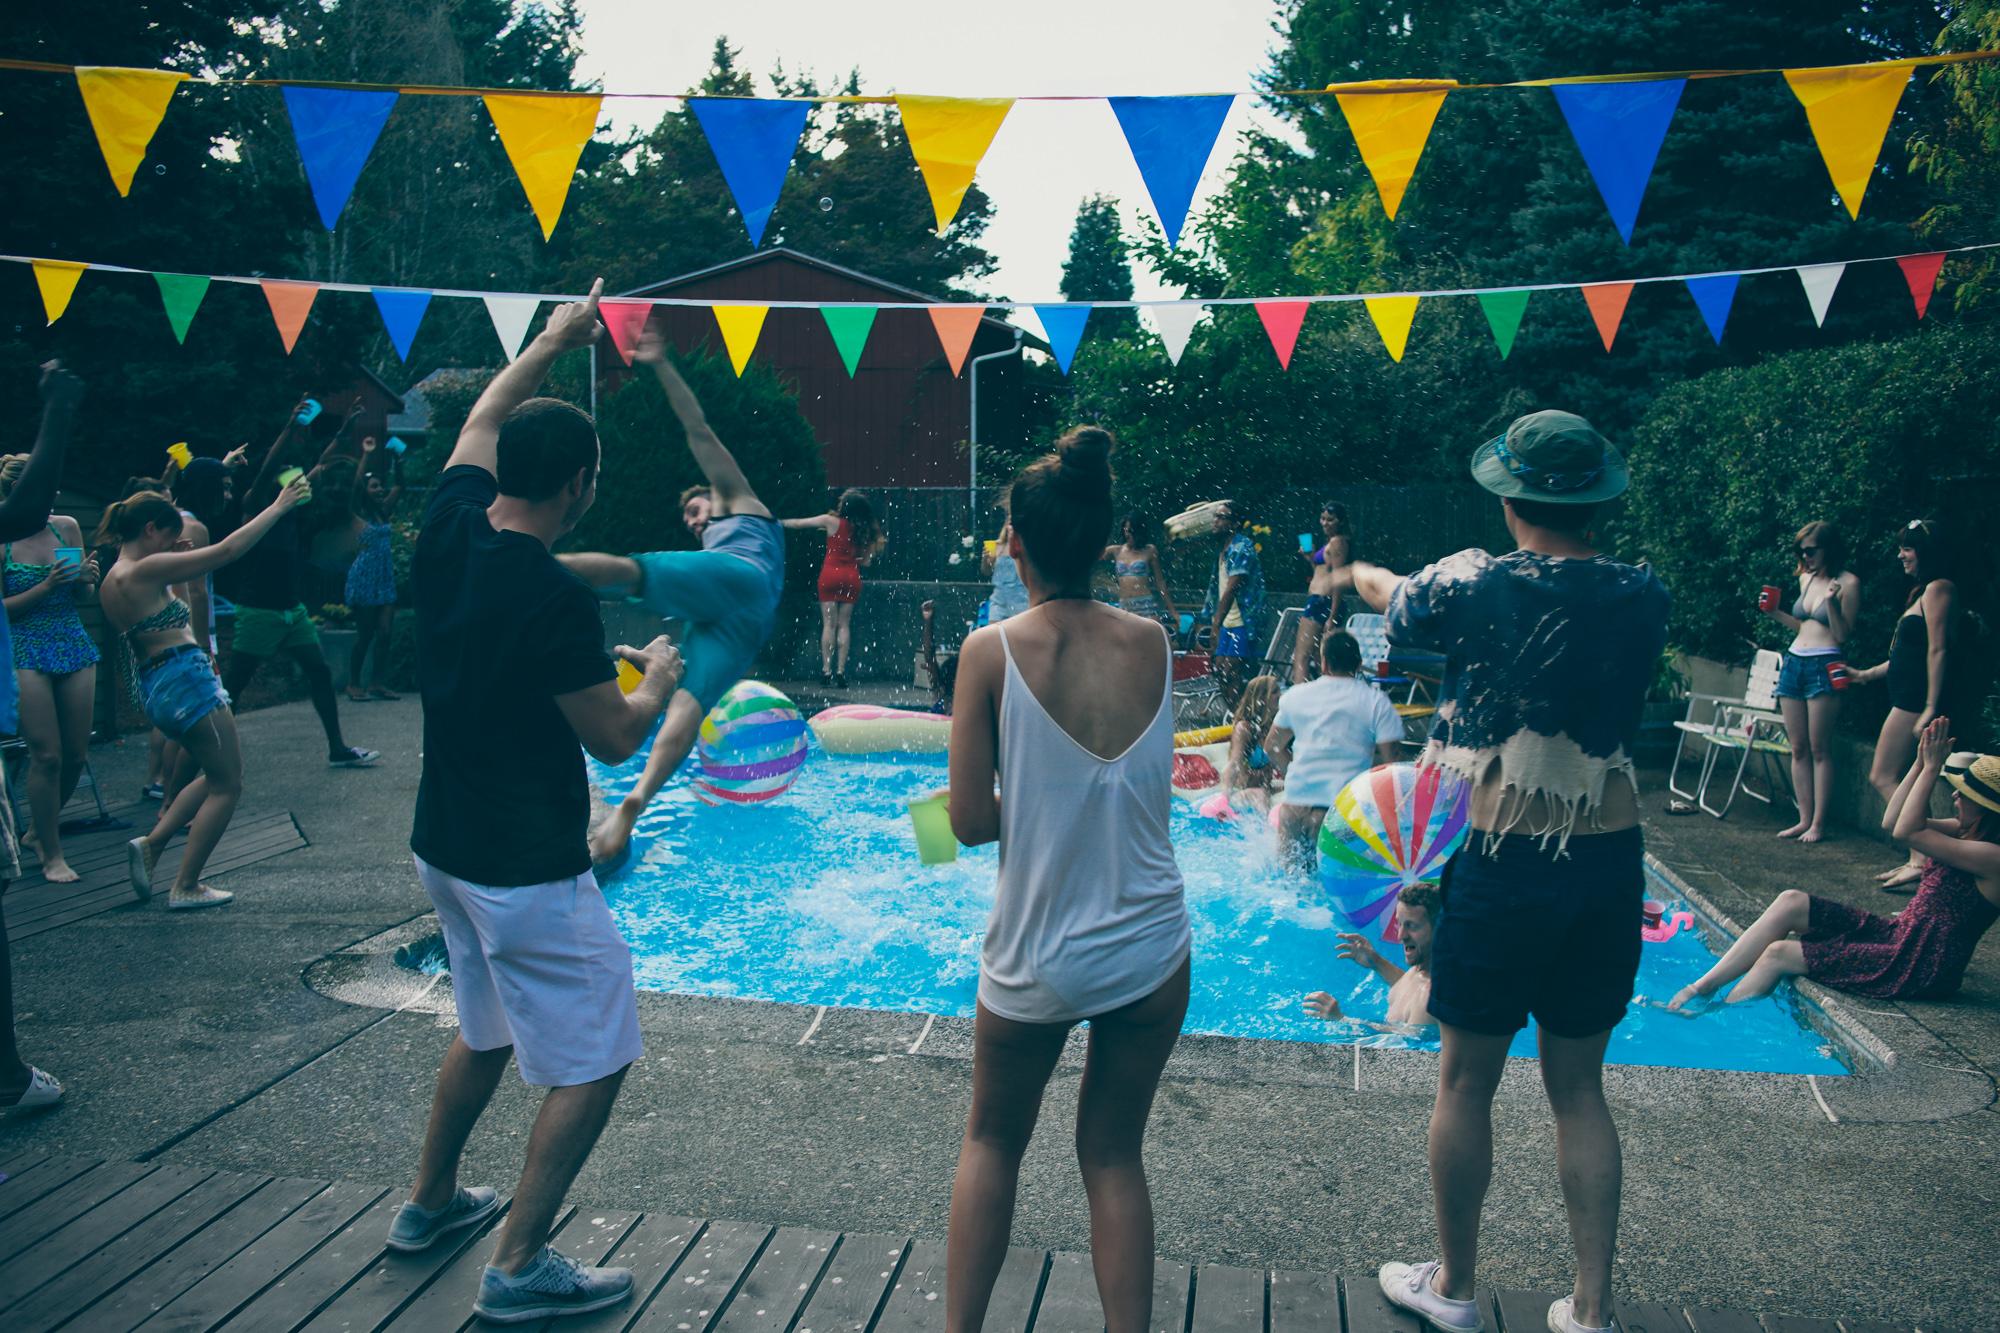 Vadio_pool_party-19.jpg